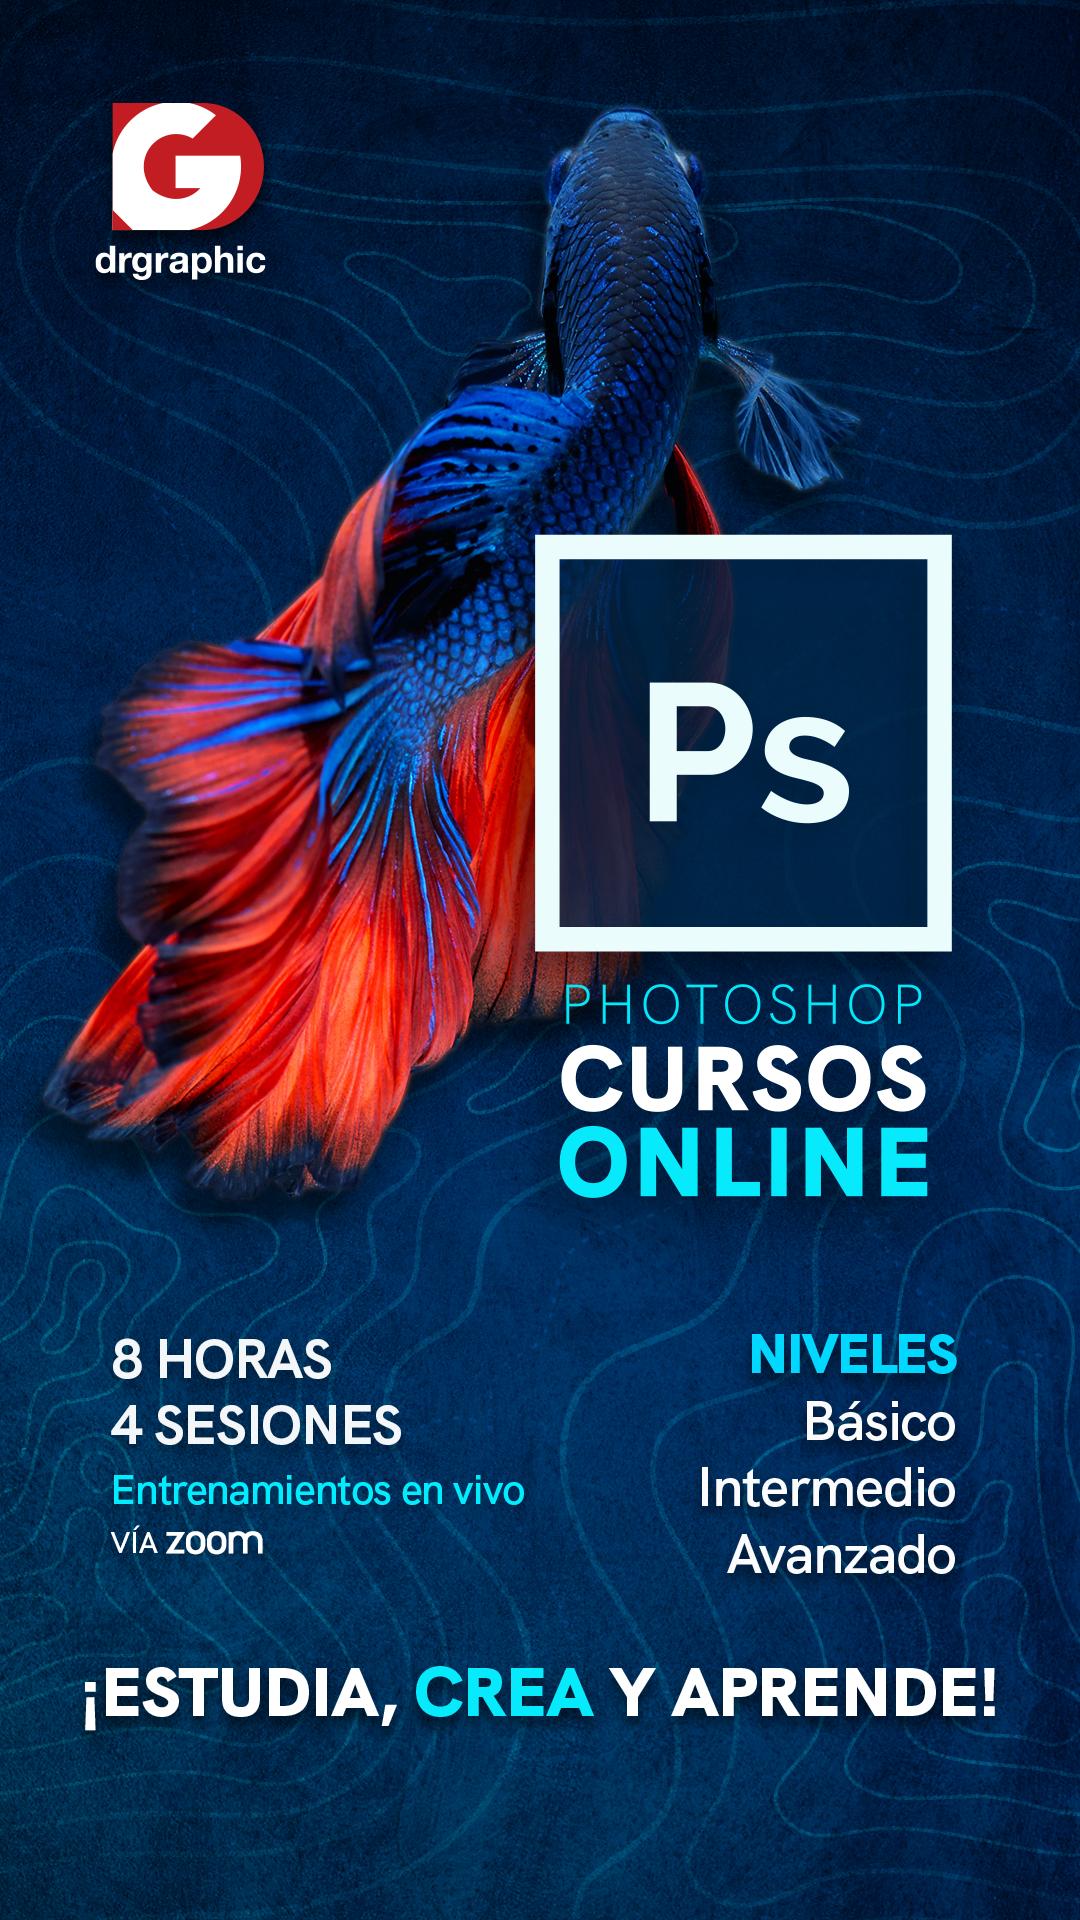 Curso de Photoshop, en niveles básico, intermedio y avanzado, con Dr Graphic Venezuela